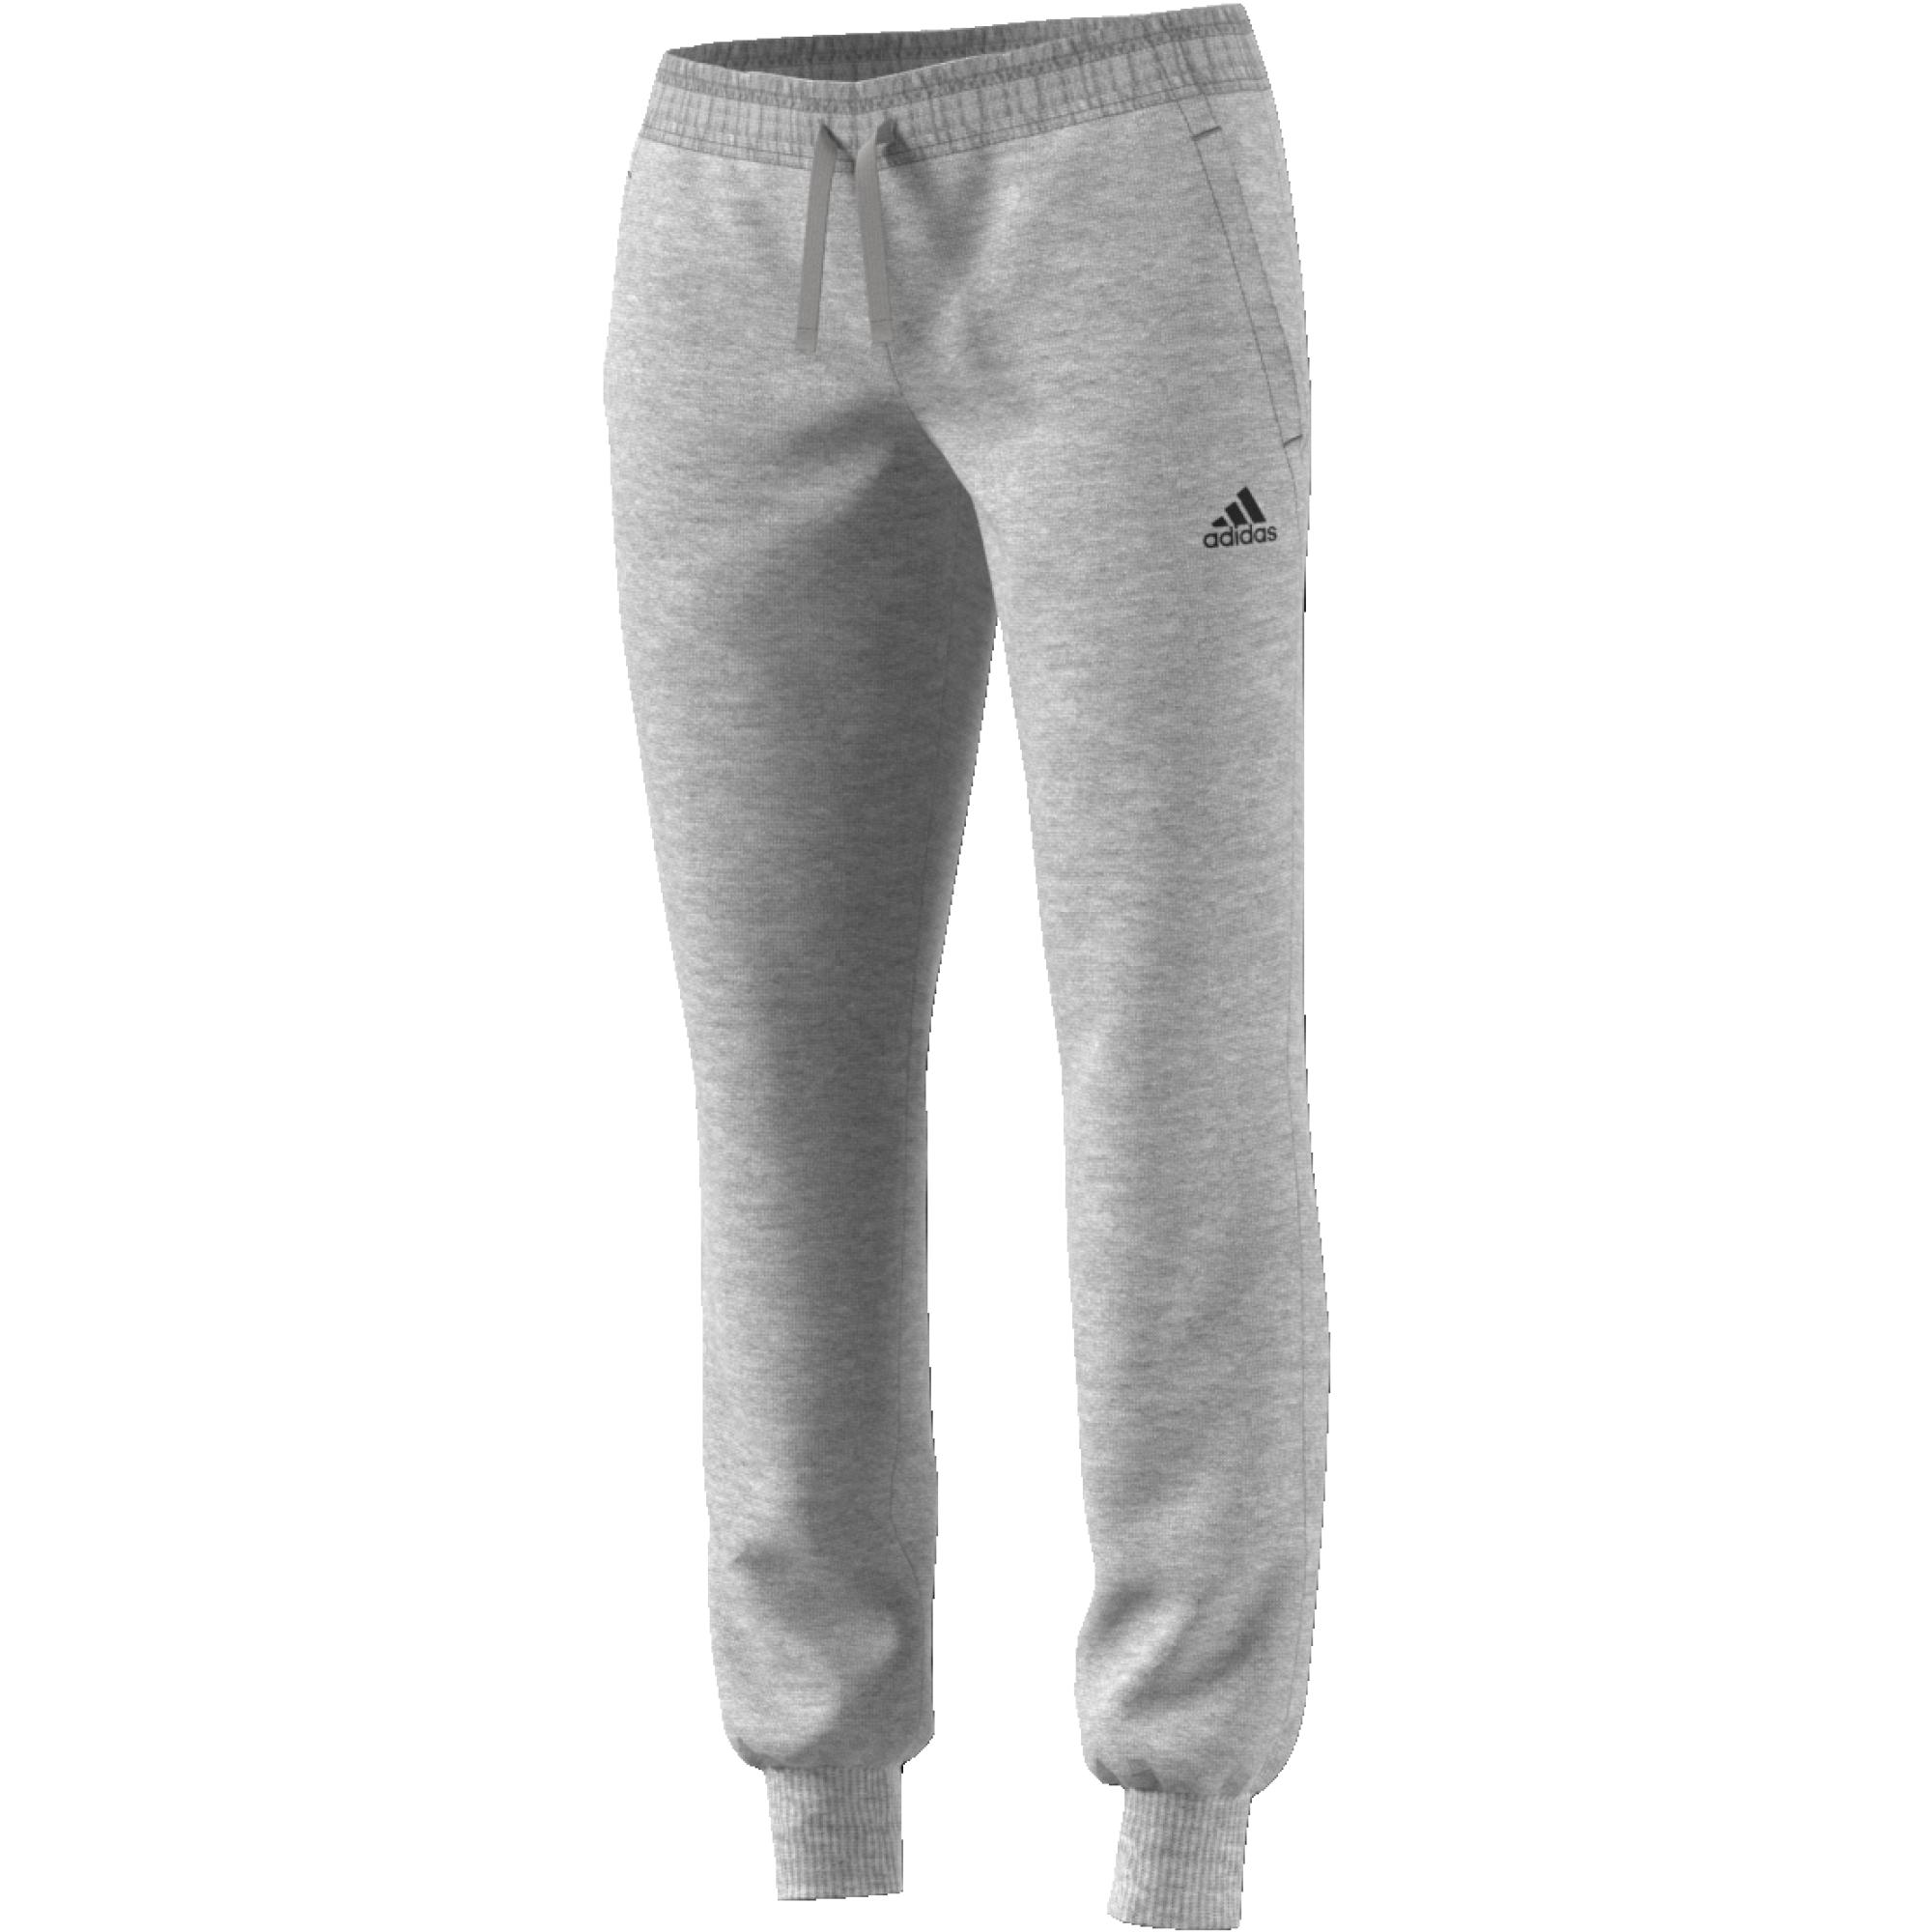 af75b56e9a Adidas alsó , Női ruházat | nadrág | adidas_performance | Adidas alsó